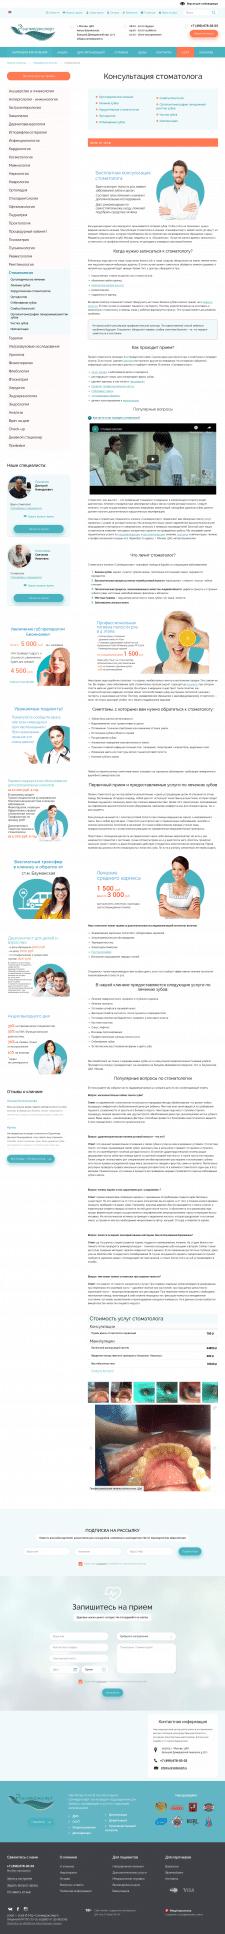 Консультация стоматолога (описание раздела)